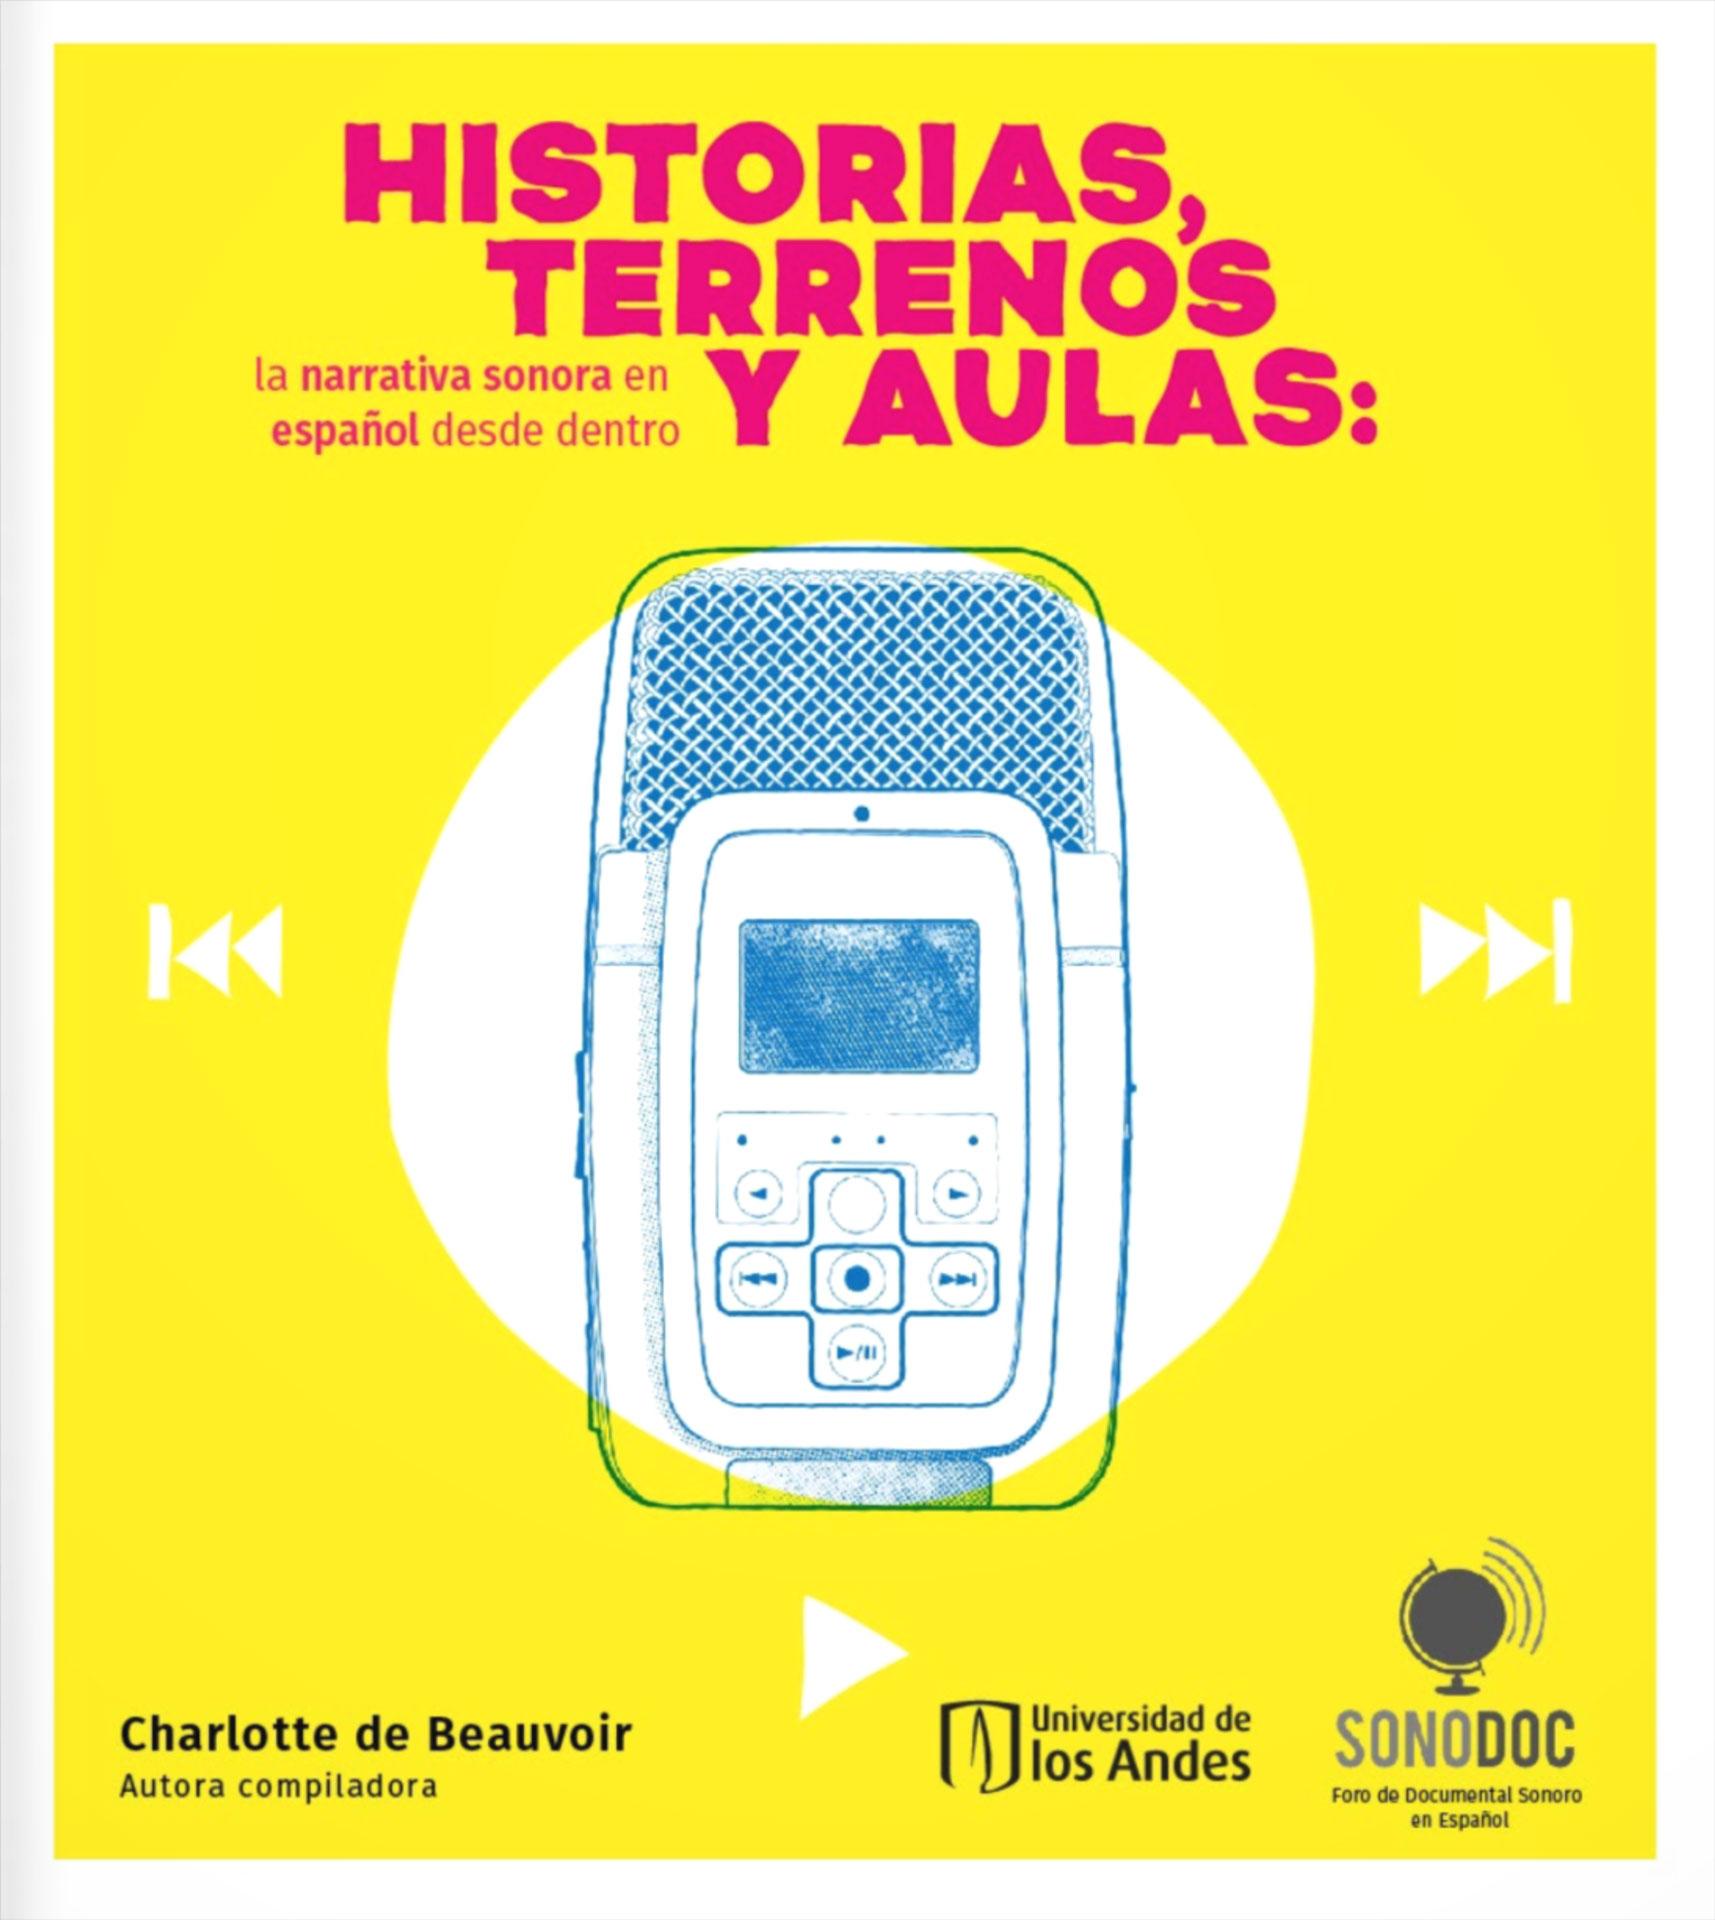 Ediciones Uniandes publica Historias, terrenos y aulas: la narrativa sonora en español desde adentro